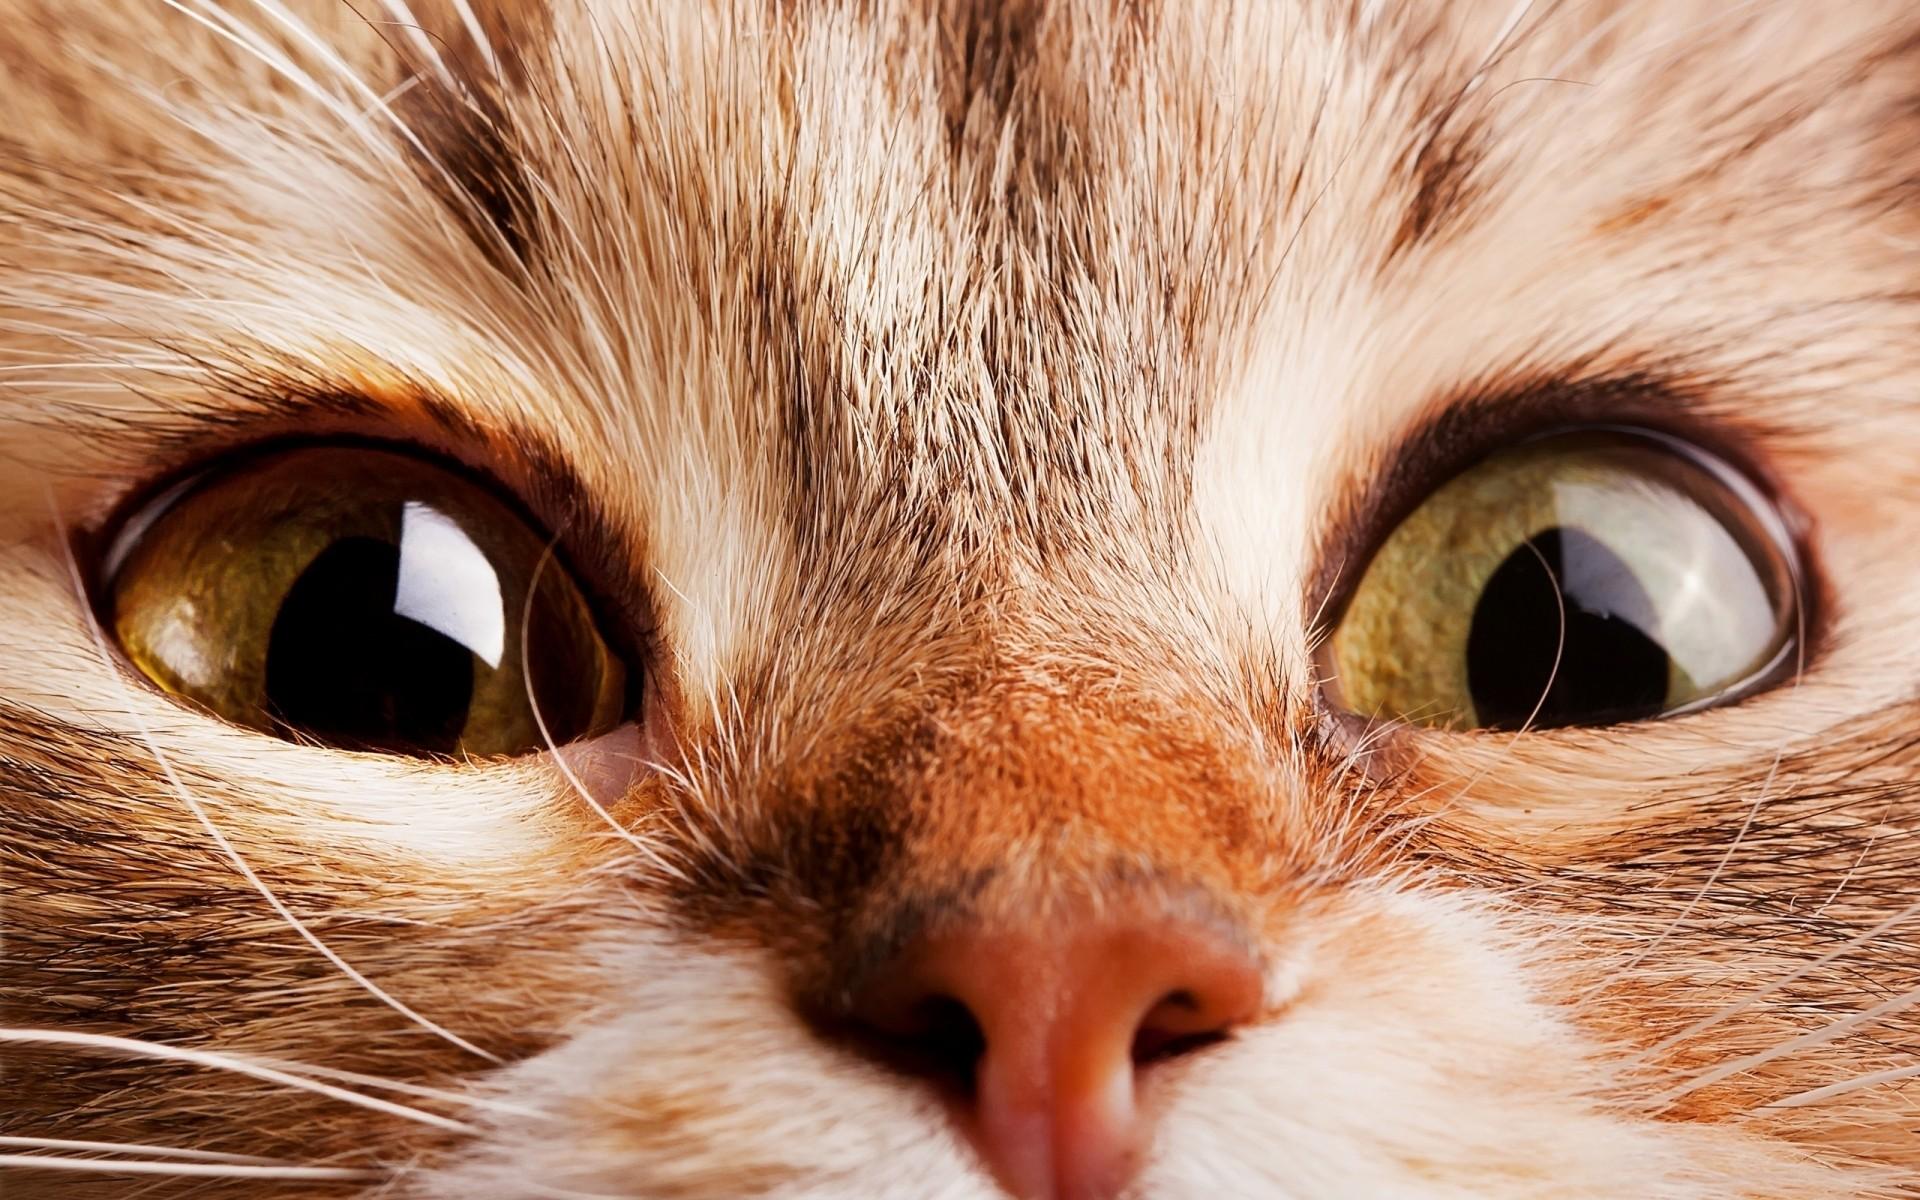 дружины картинка про кота с глазами боялись разгула